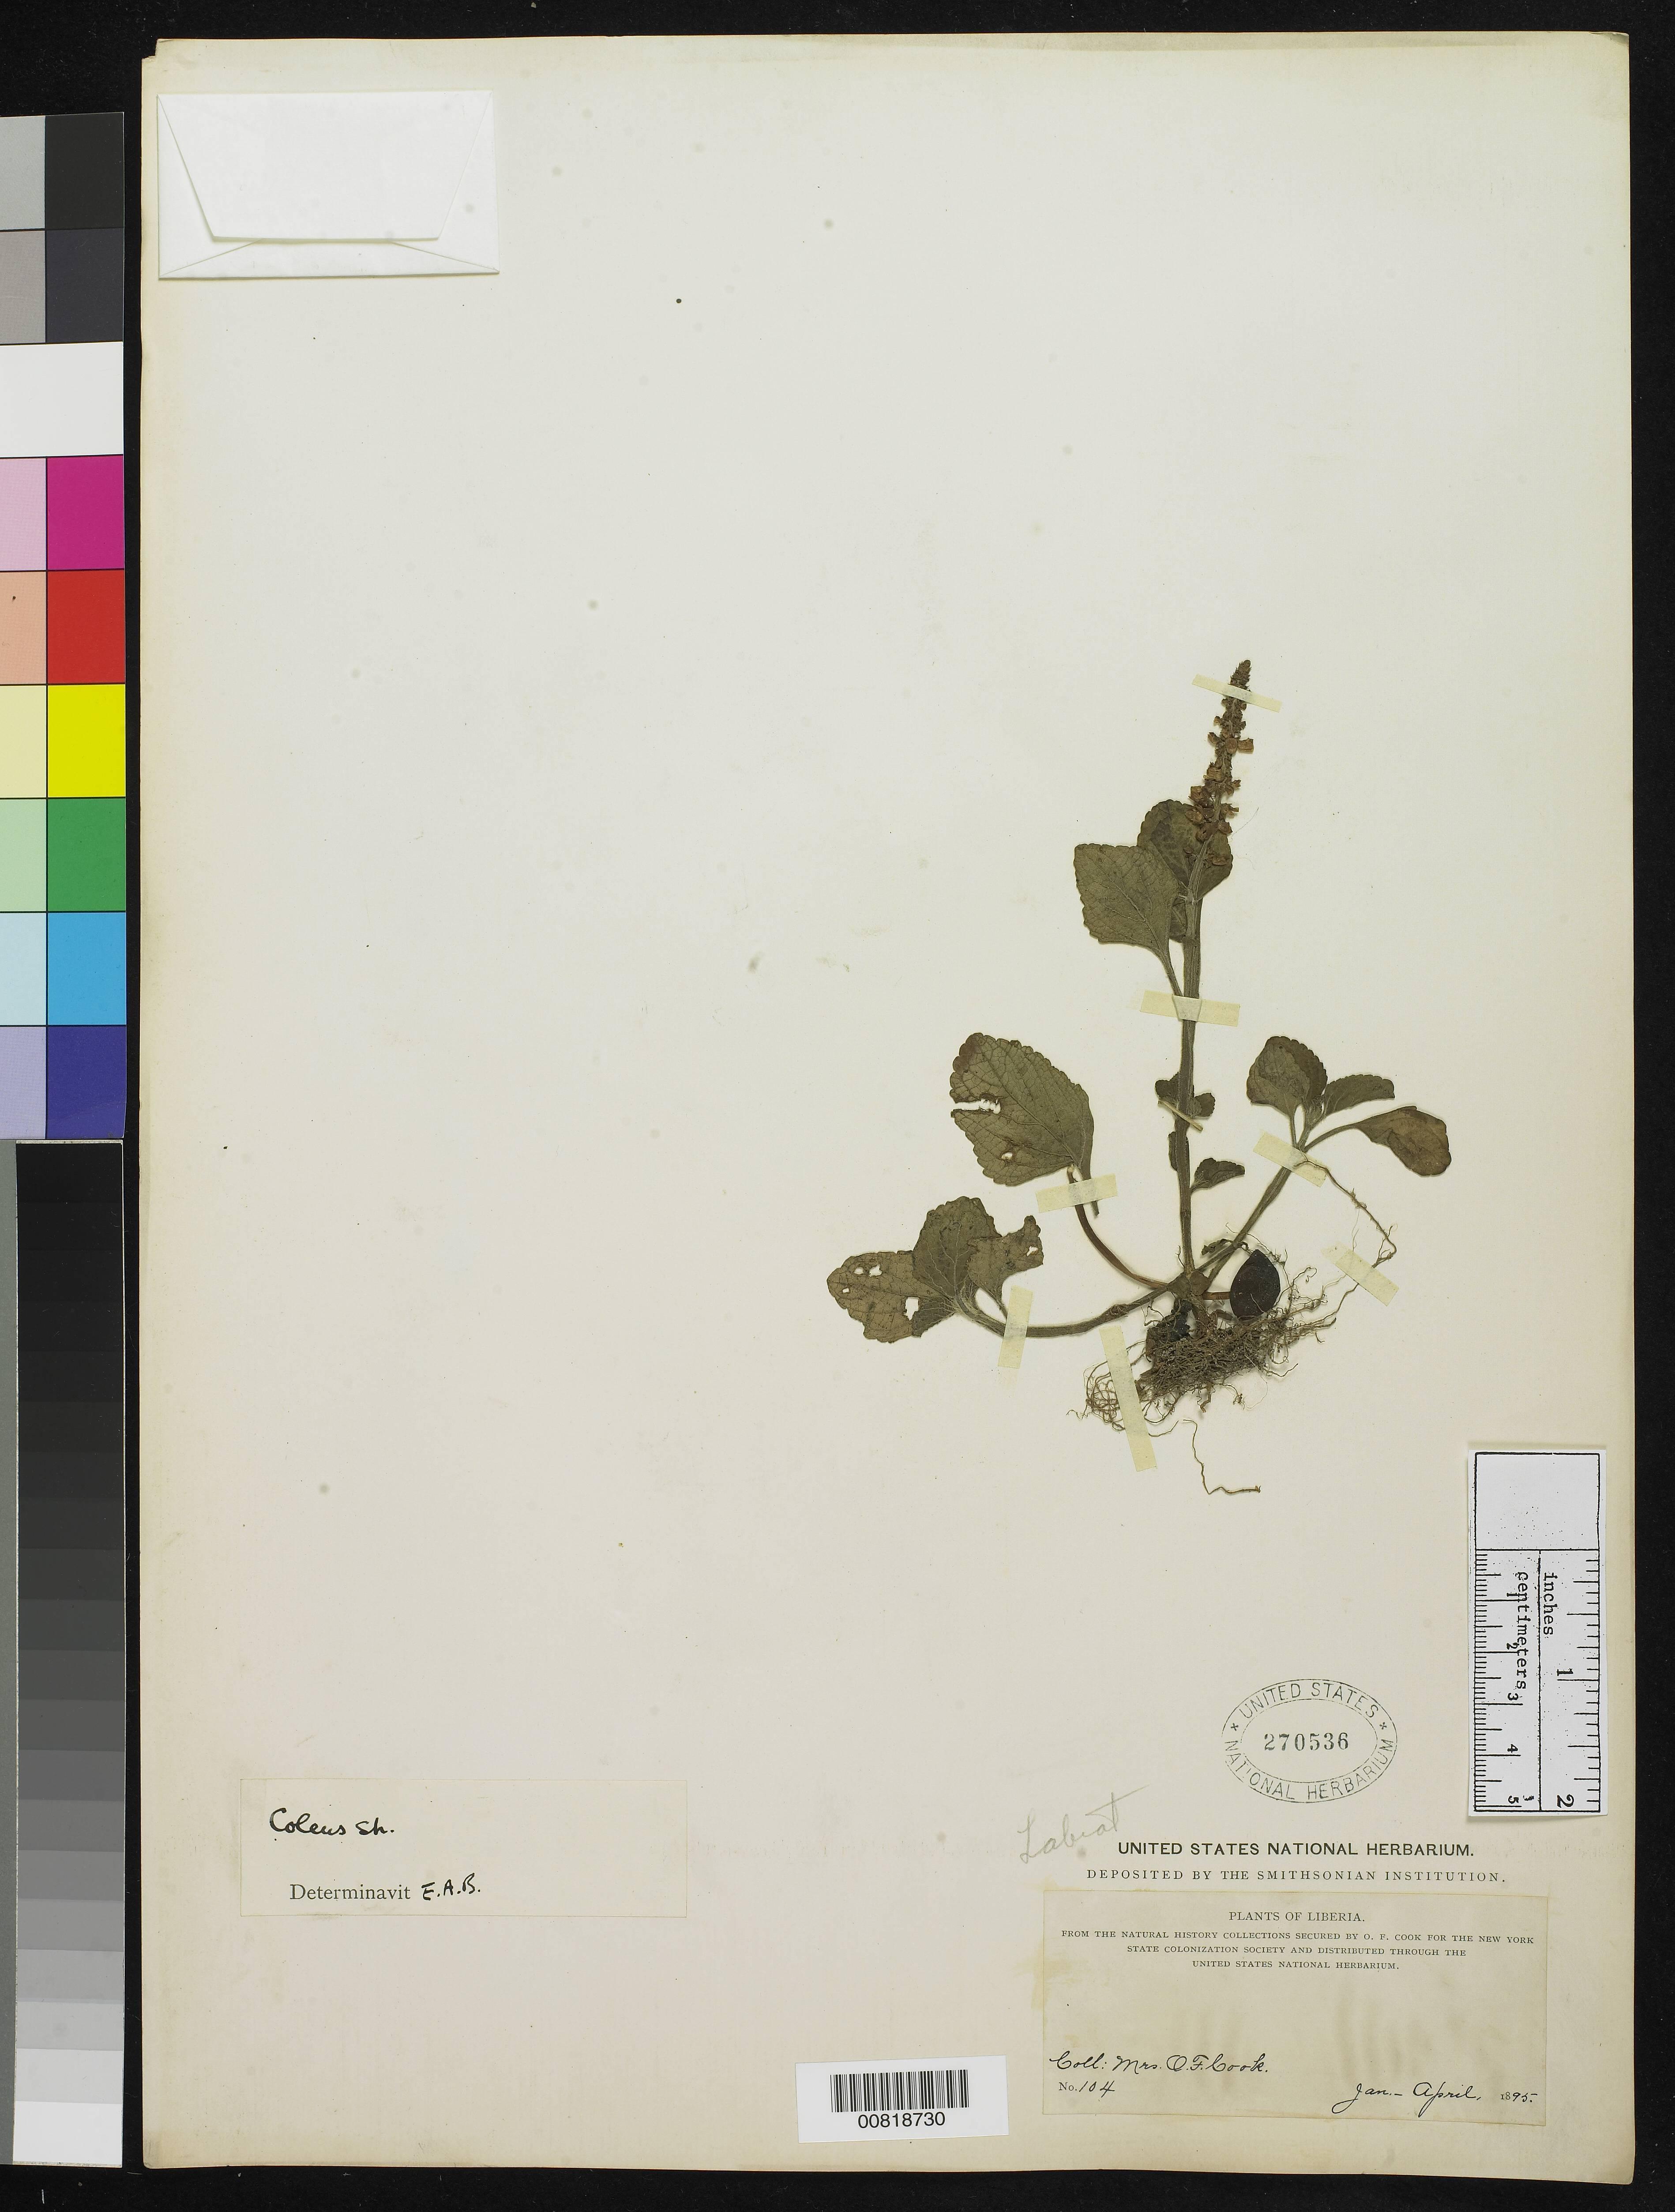 Image of coleus